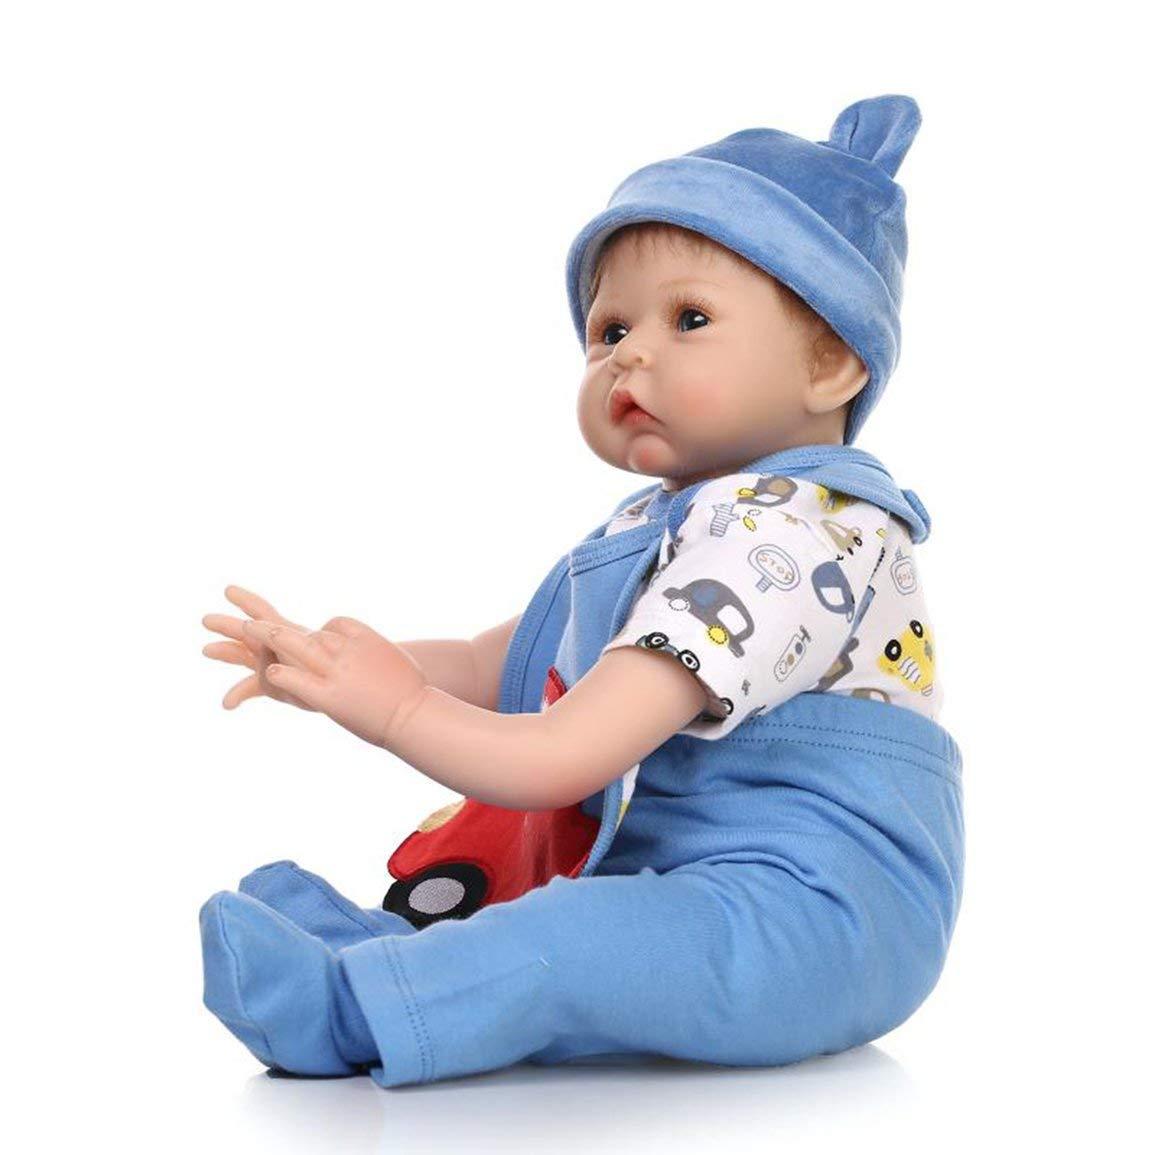 hasta un 65% de descuento Fantasyworld Fantasyworld Fantasyworld 55CM Silicona Renacido Las muñecas del bebé Vivo Realista Mohair Real muñecas realistas Bebe Bebés Reborn Juega el Regalo de cumpleaños  lo último